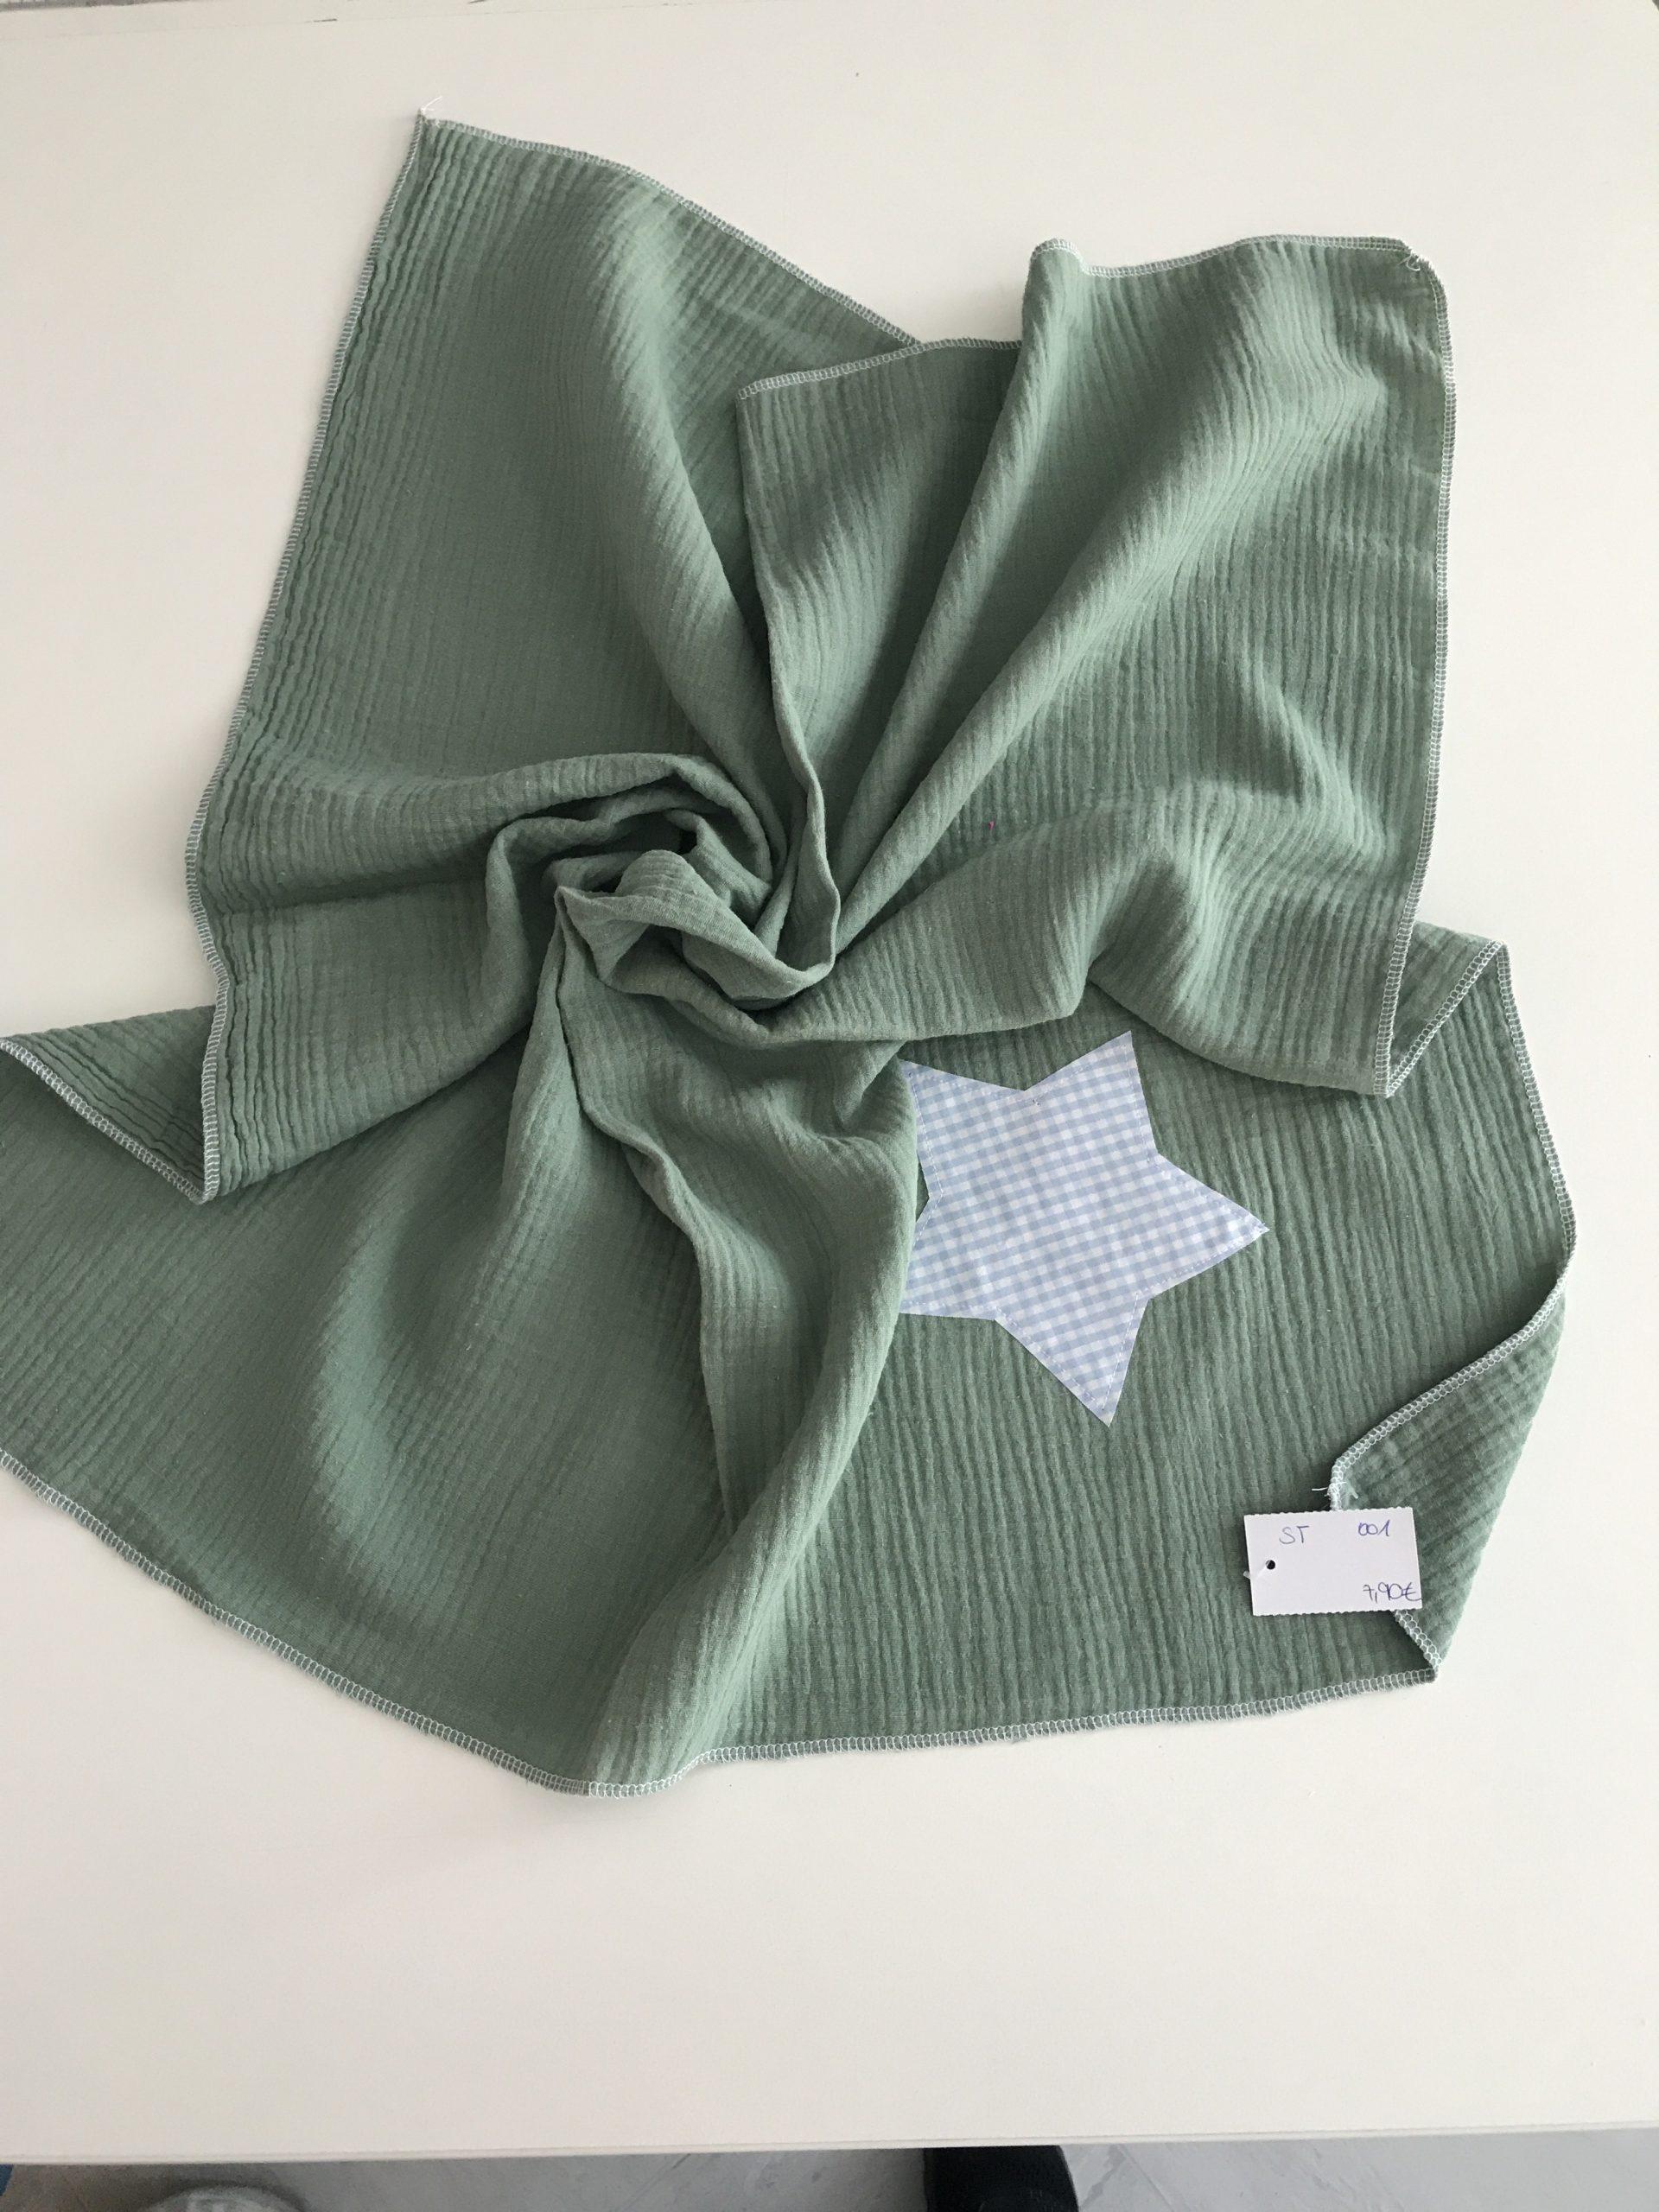 Spucktuch aus Moltonstoff ca. 65x65cm, Grün mit hellblauen KaroStern